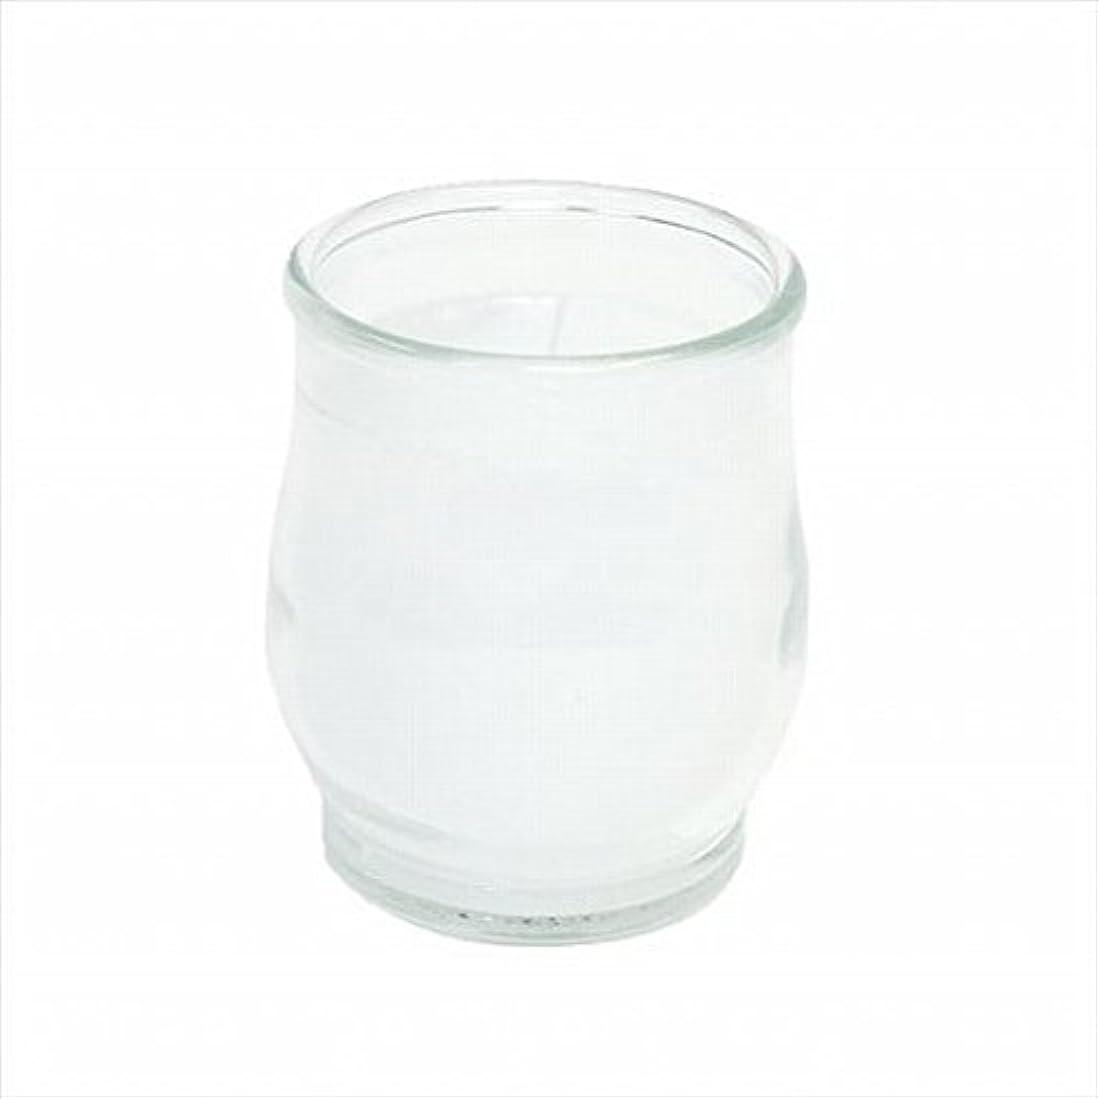 知覚する折り目モジュールkameyama candle(カメヤマキャンドル) ポシェ(非常用コップローソク) 「 クリア 」 キャンドル 68x68x80mm (73020000C)